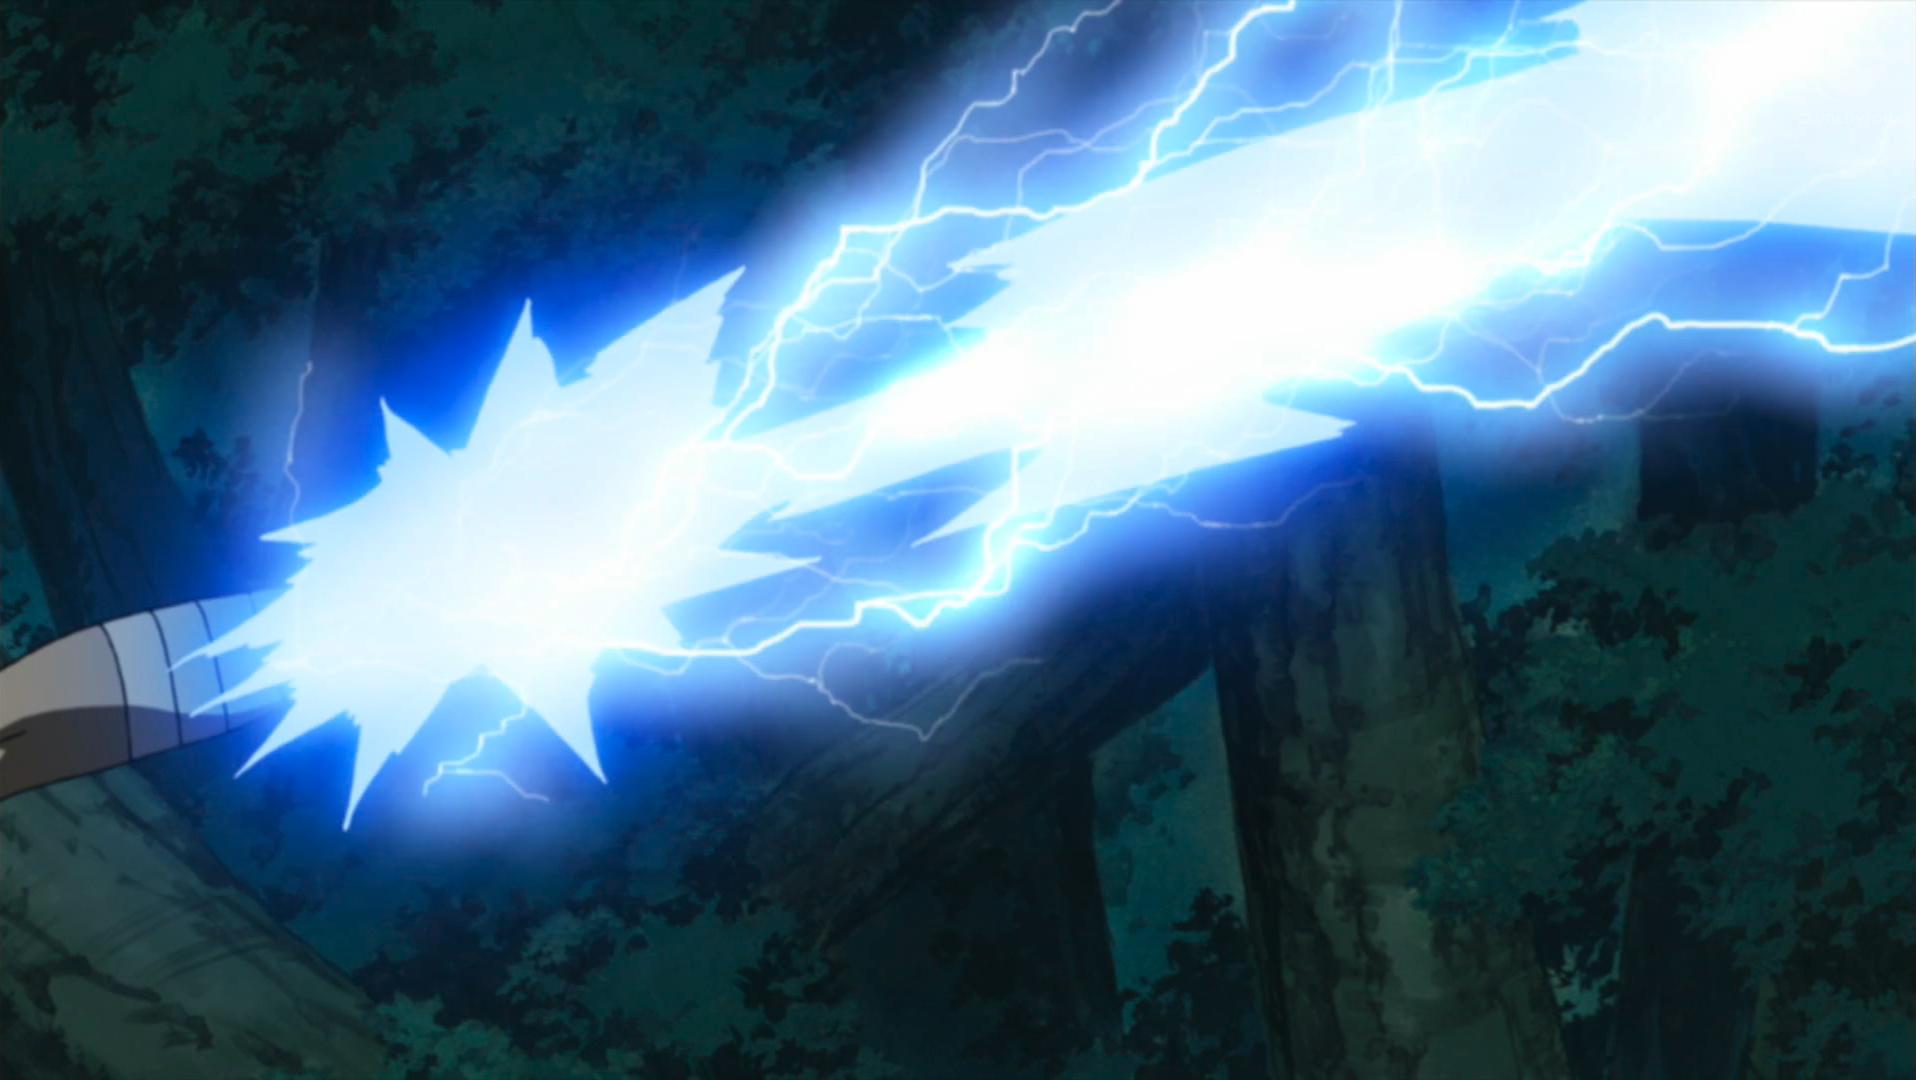 Kết quả hình ảnh cho Lightning anime